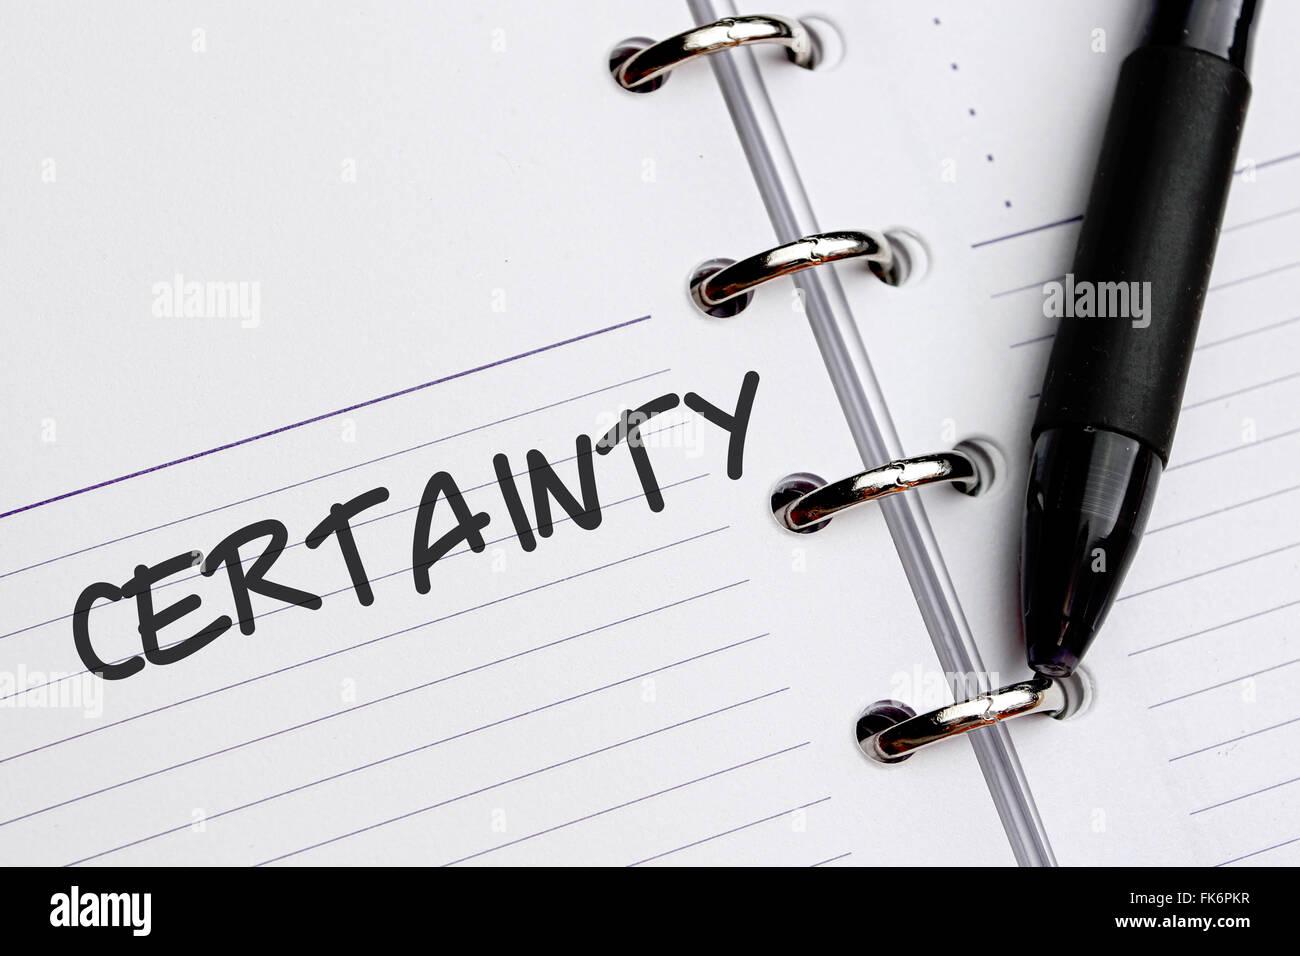 Certitude mot écrit sur papier. Photo Stock